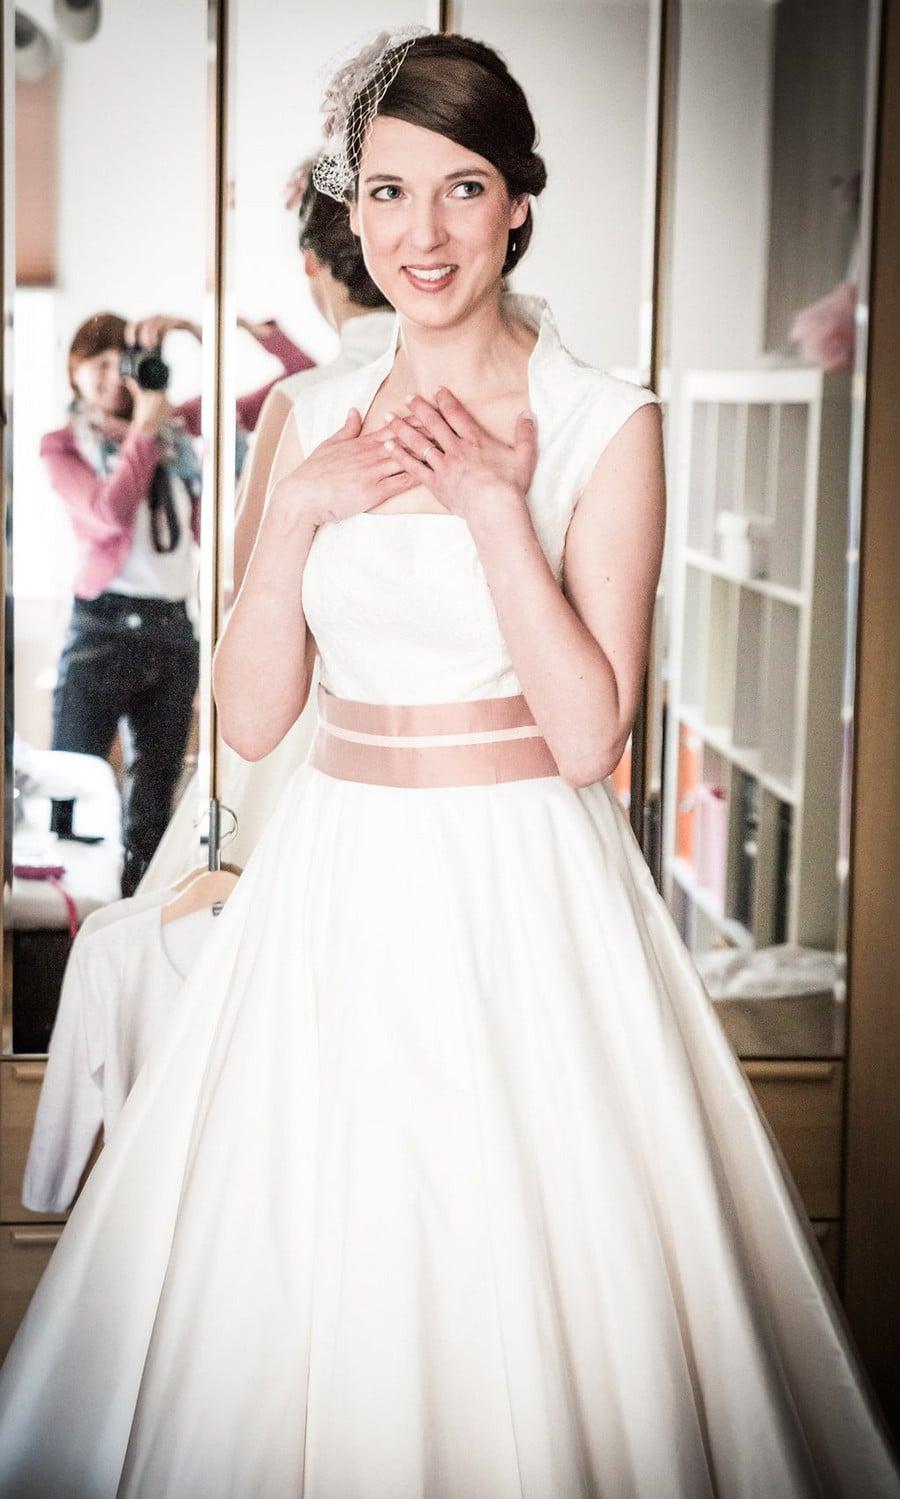 Brautkleid im Stil der 60er Jahre mit Altrosa Gürtel von noni